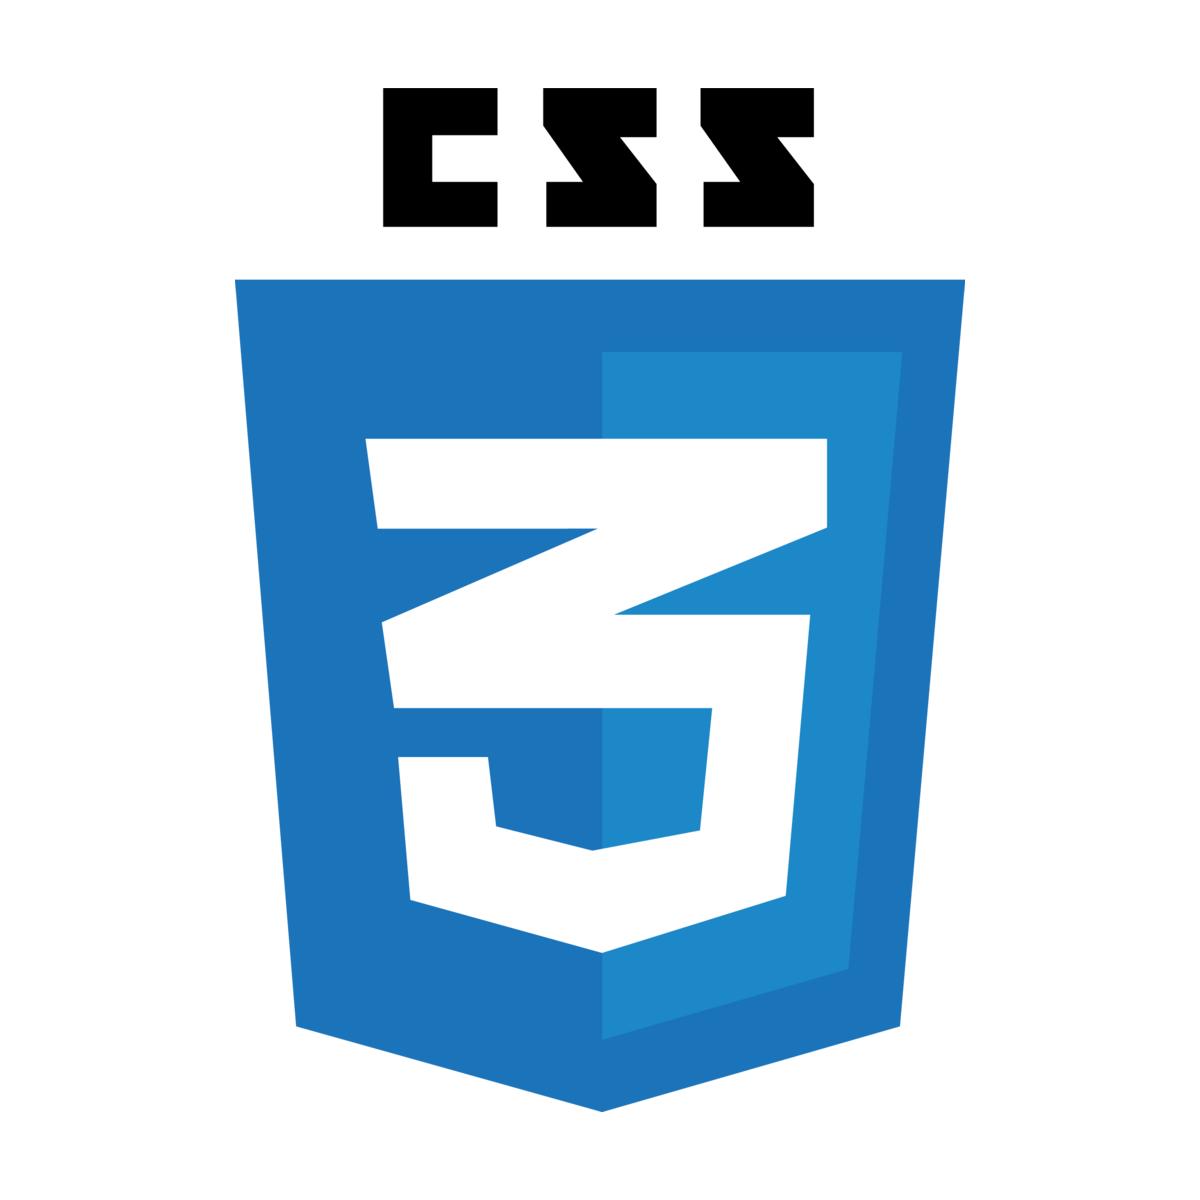 [CSS]画像のマウスオーバー時にtransformで拡大縮小表示する